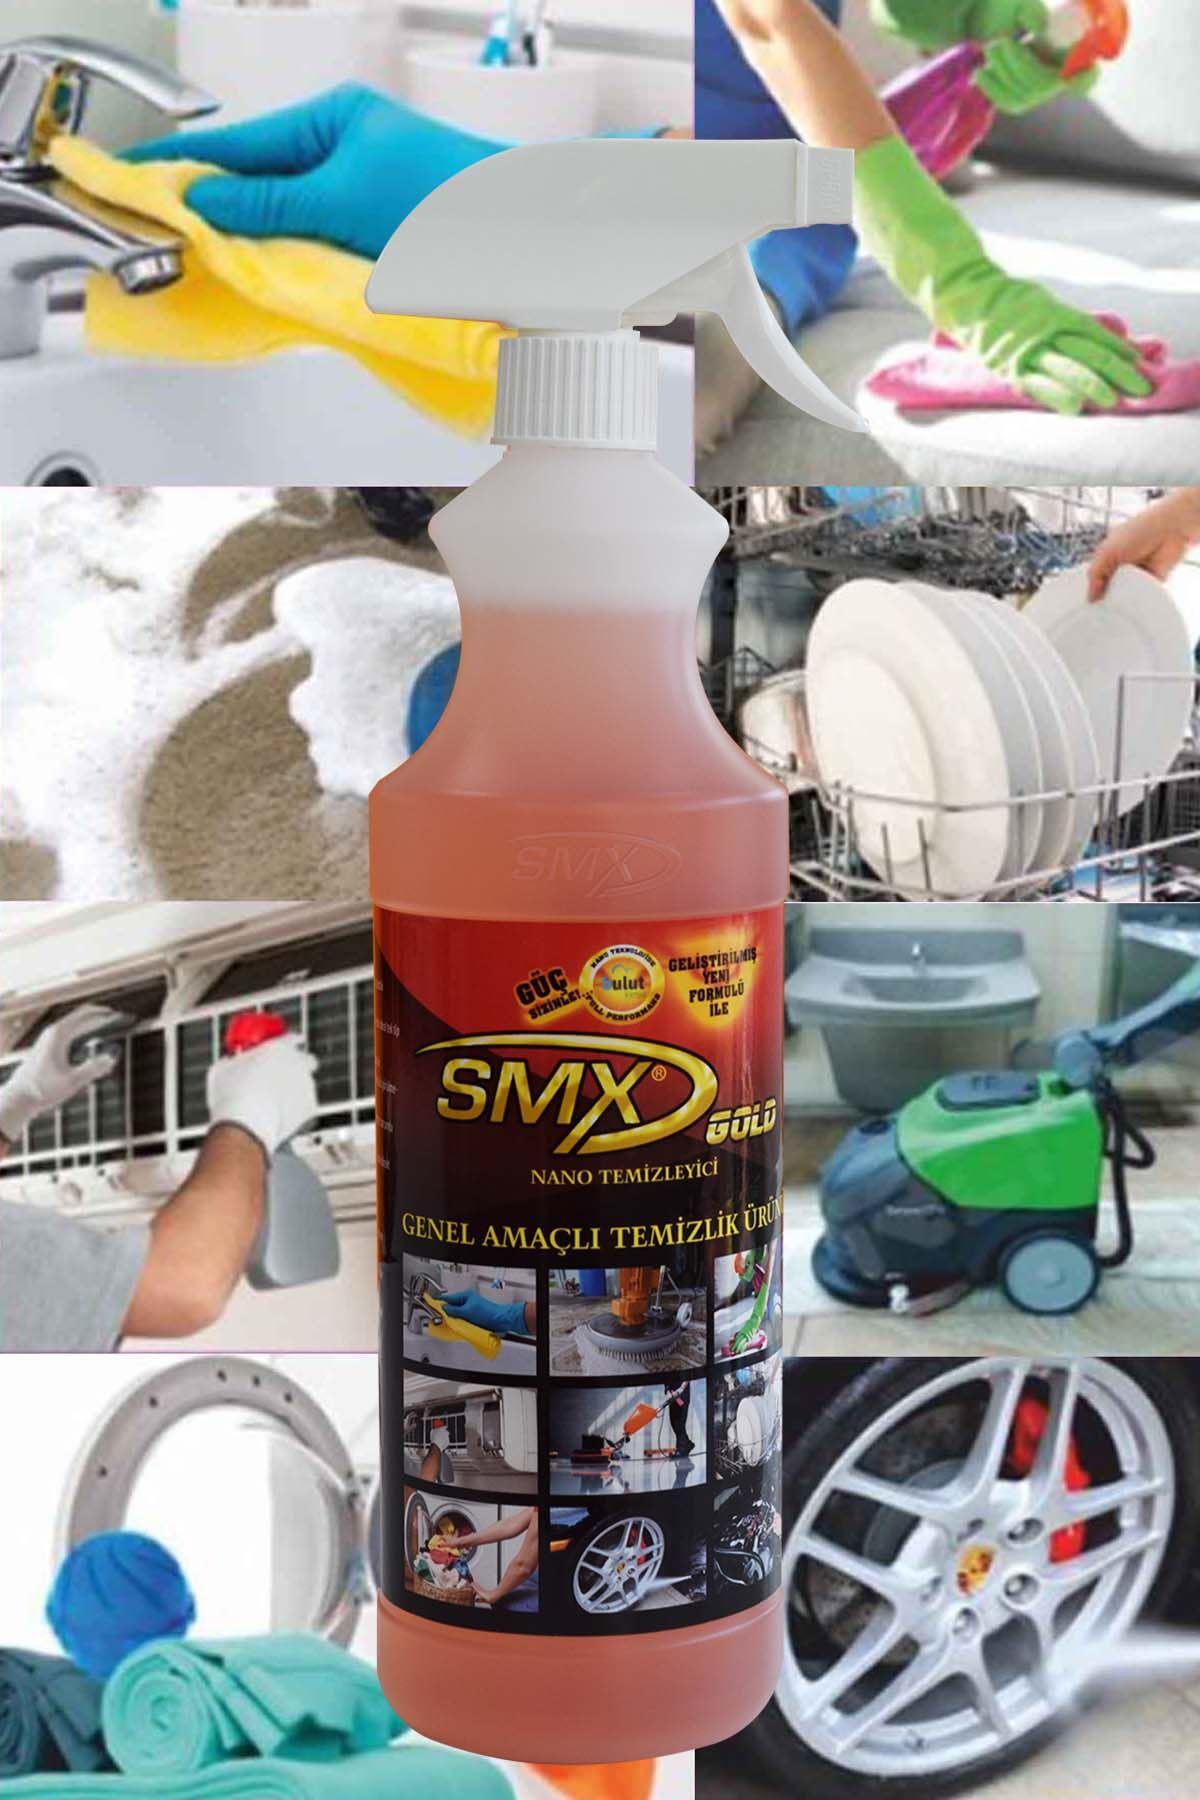 SMX Nano Genel Amaçlı Temizleyici 5 Adet